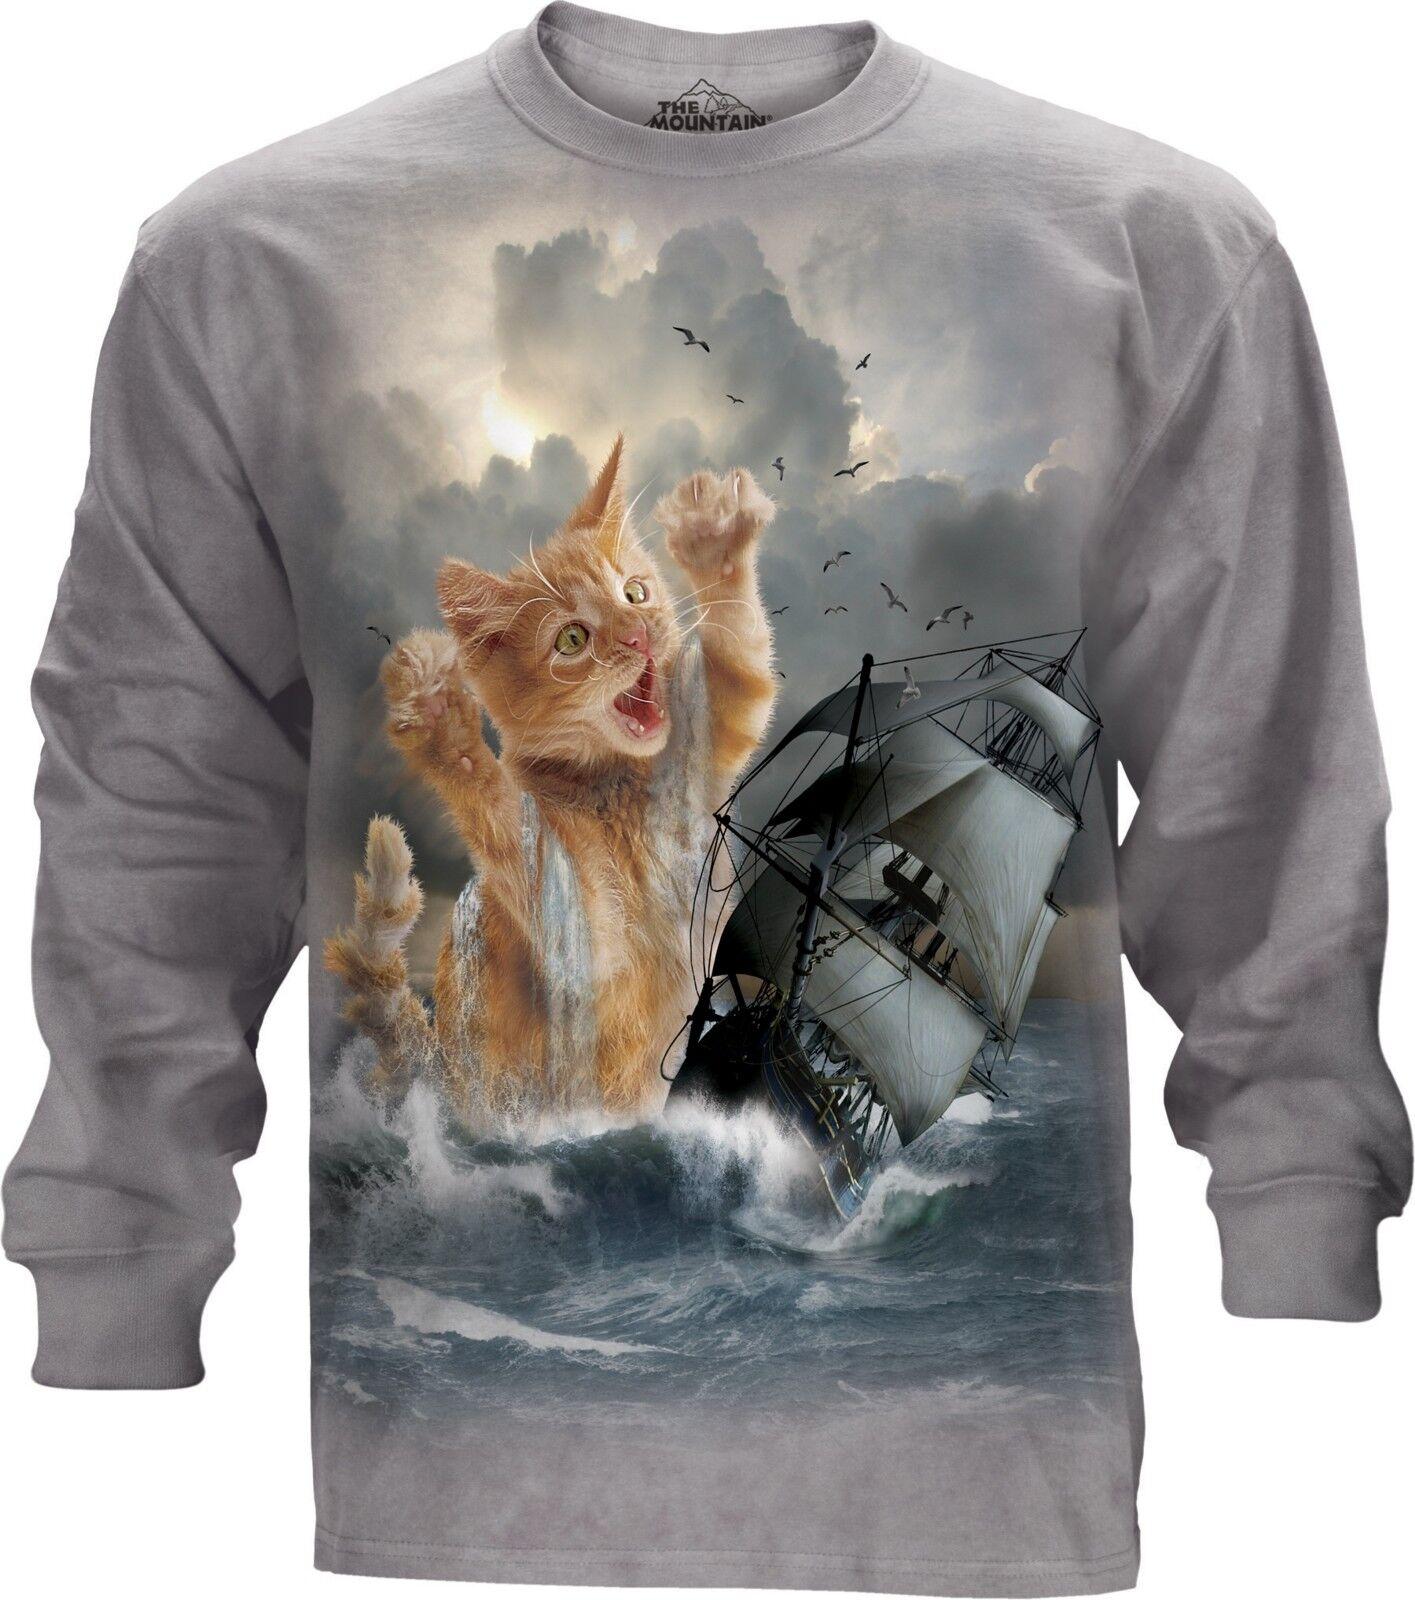 La MONTAGNA gatto adulto krakitten Uomo maniche lunghe T Shirt